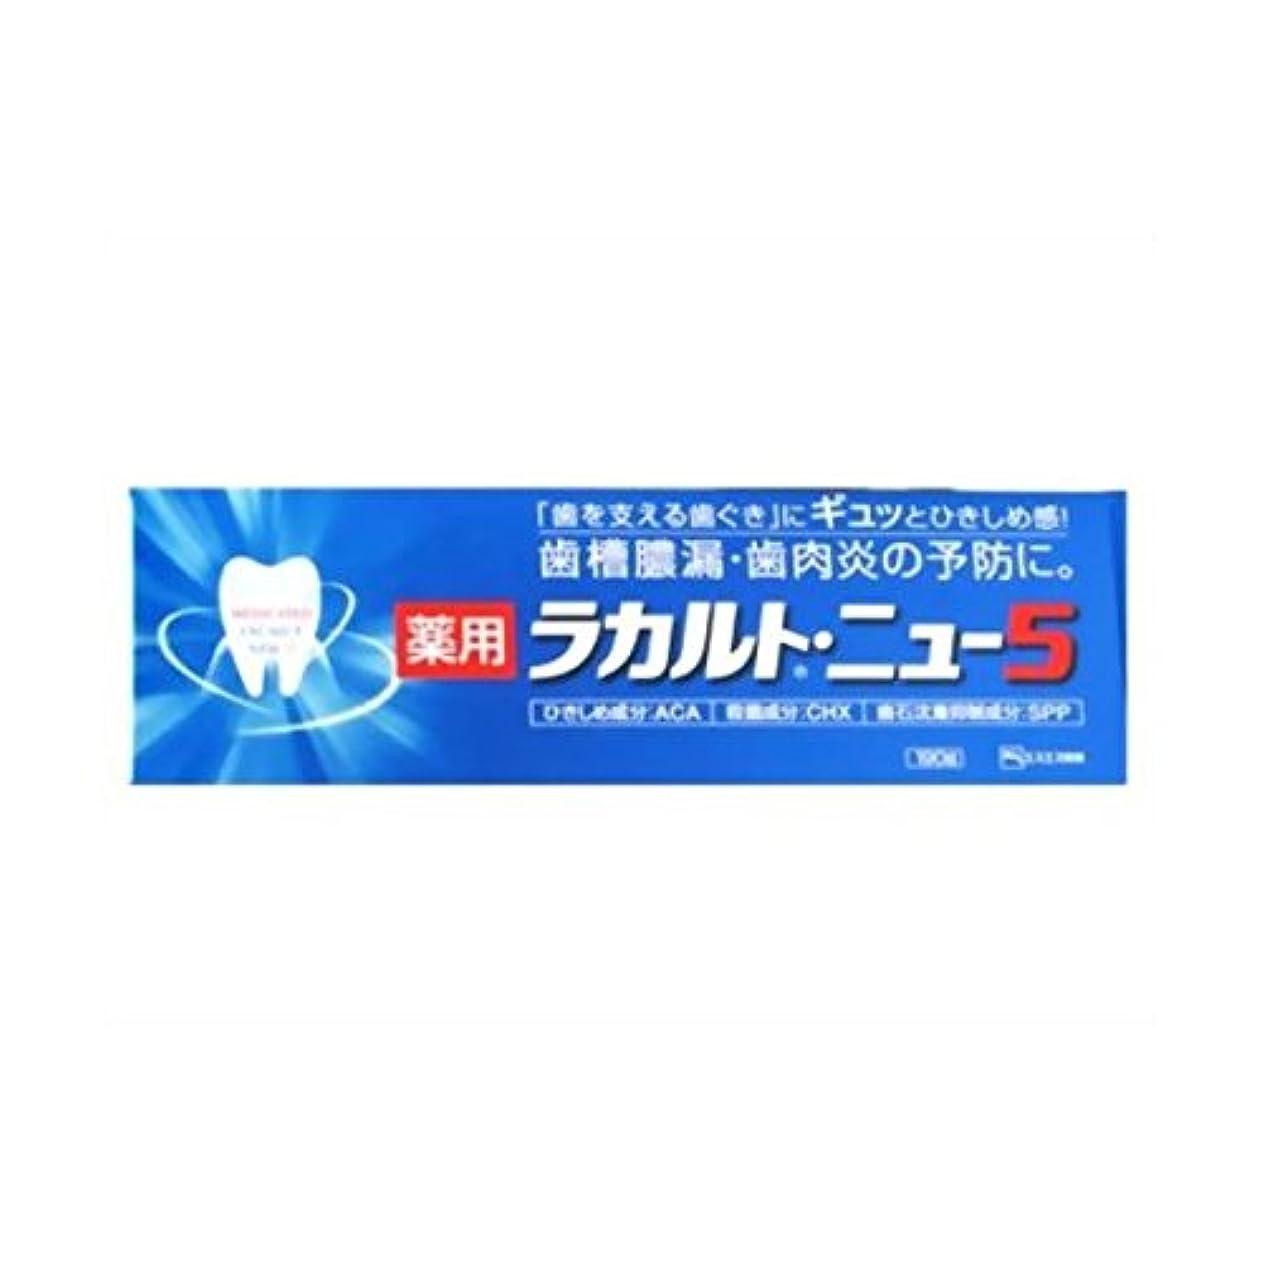 パワーセル駐地オフ【お徳用 3 セット】 薬用ラカルトニュー5 190g×3セット